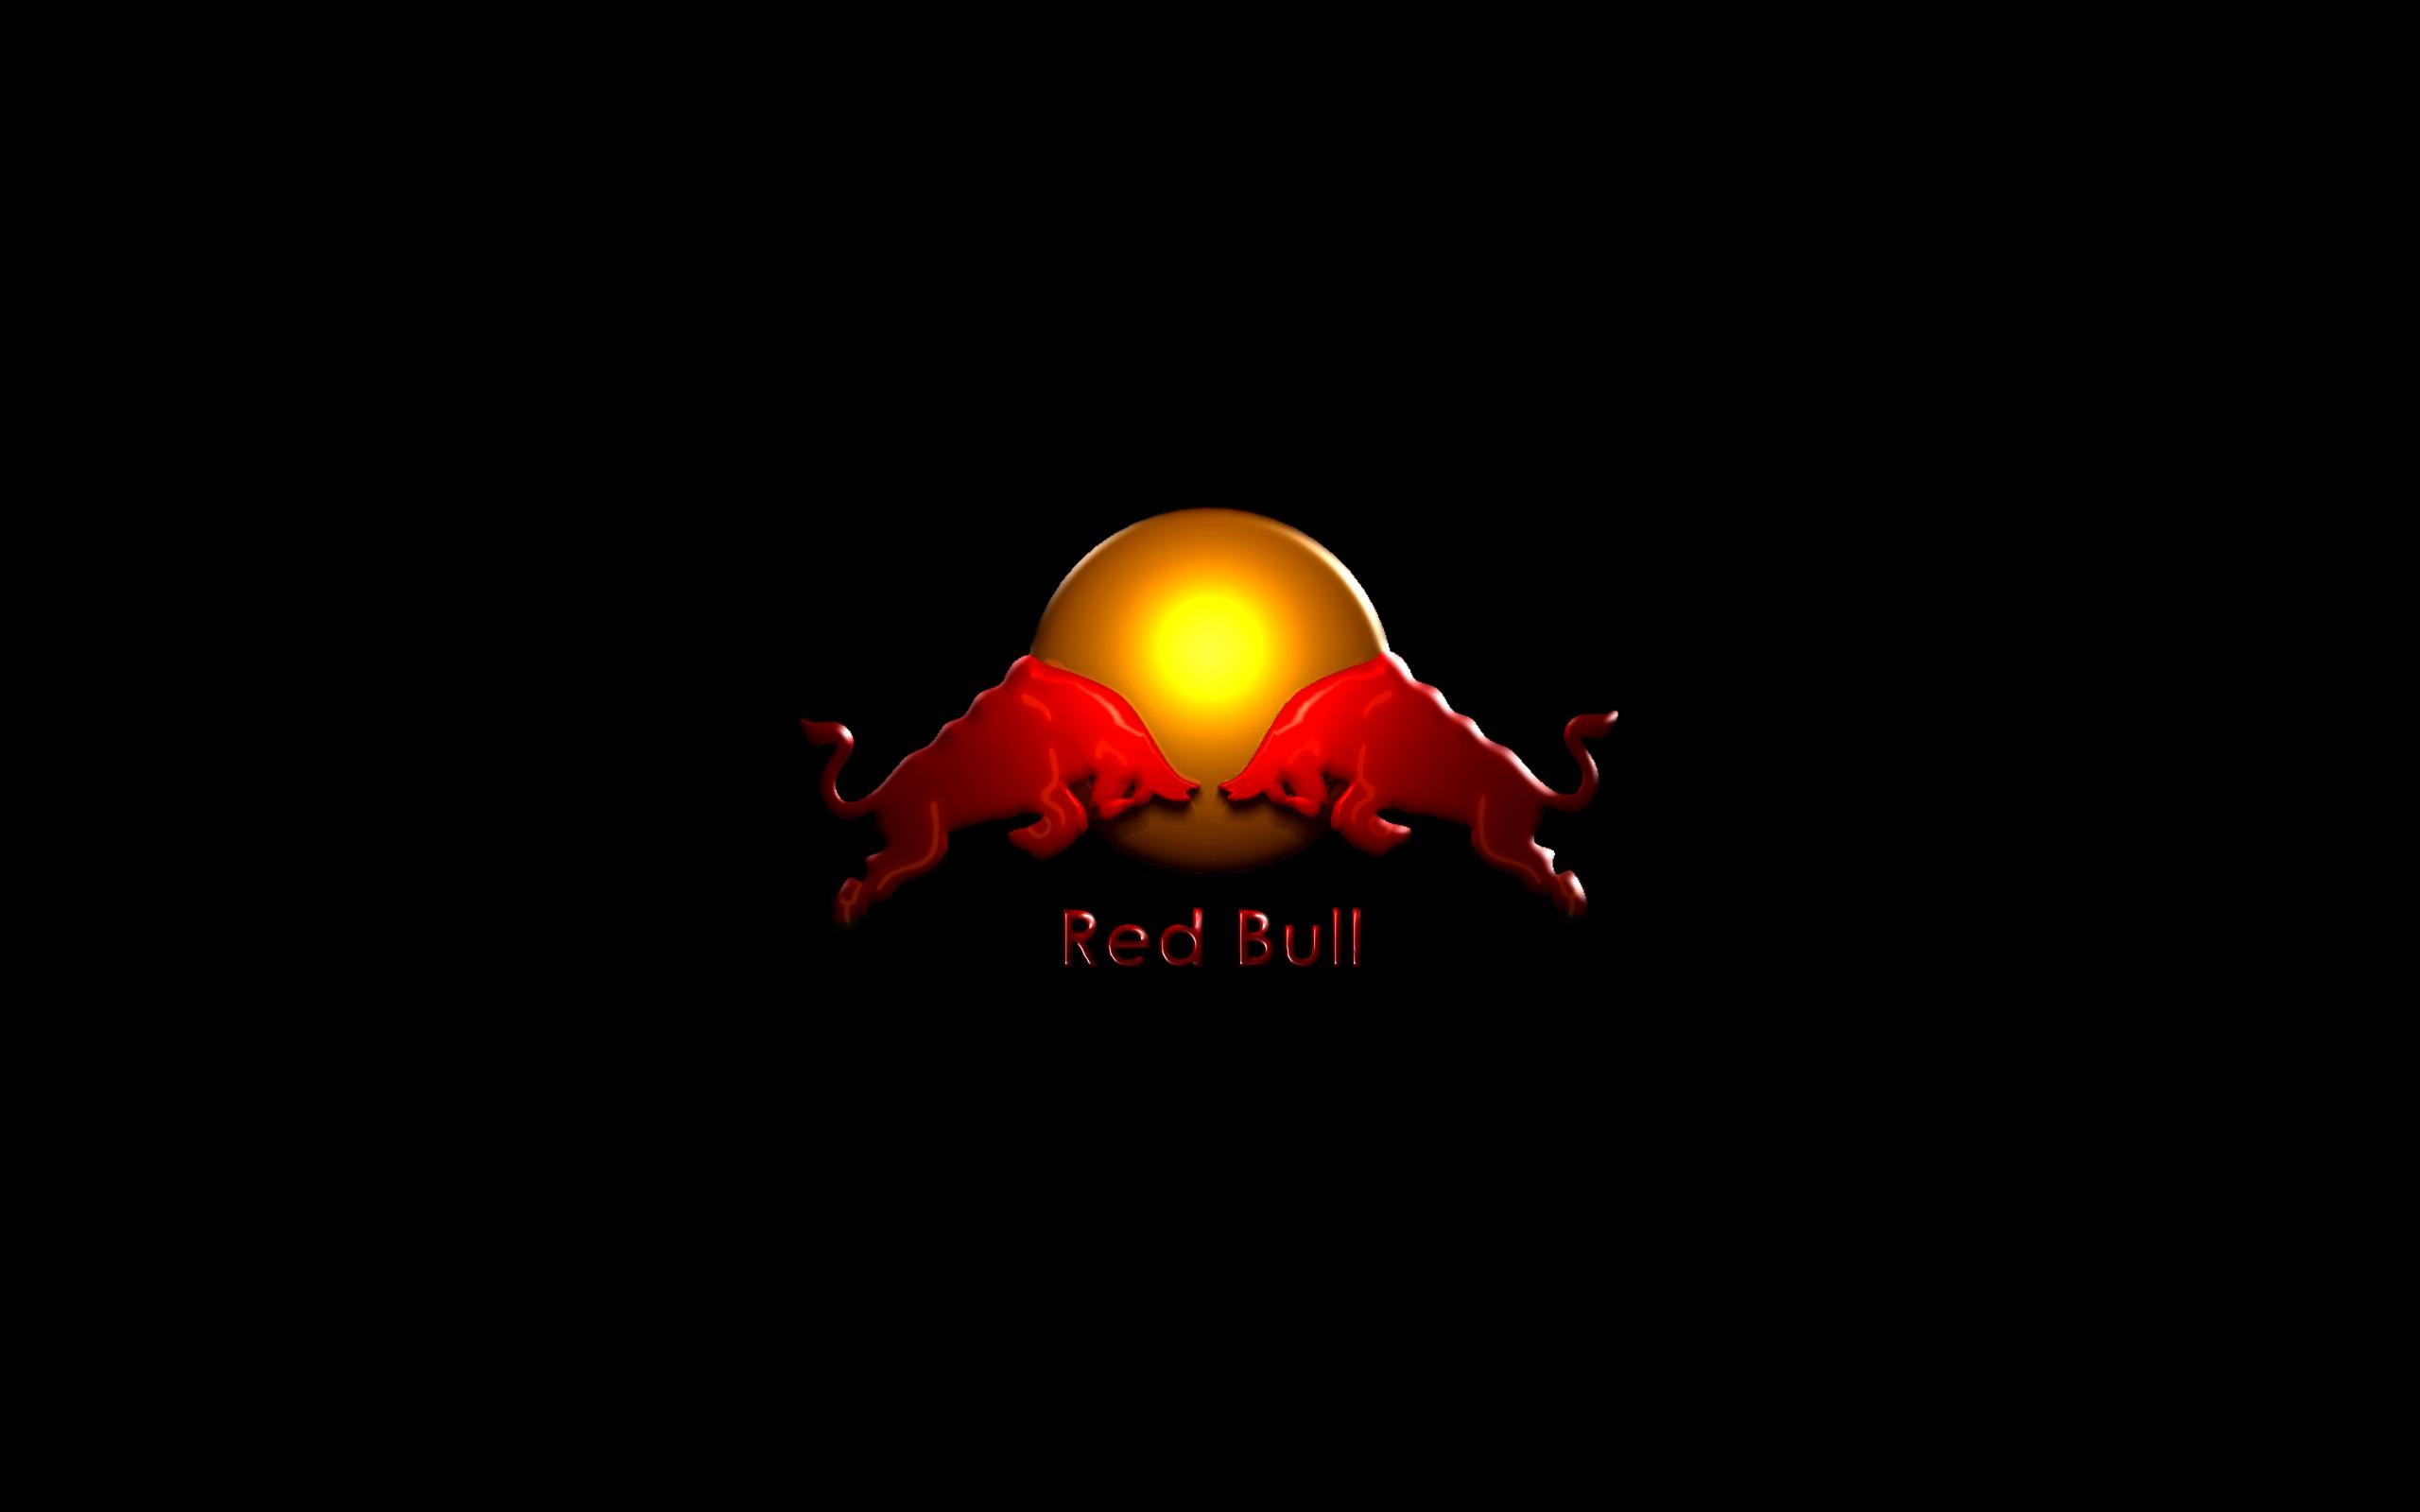 Fonds d'écran Red Bull PC et Tablettes (iPad, etc...)